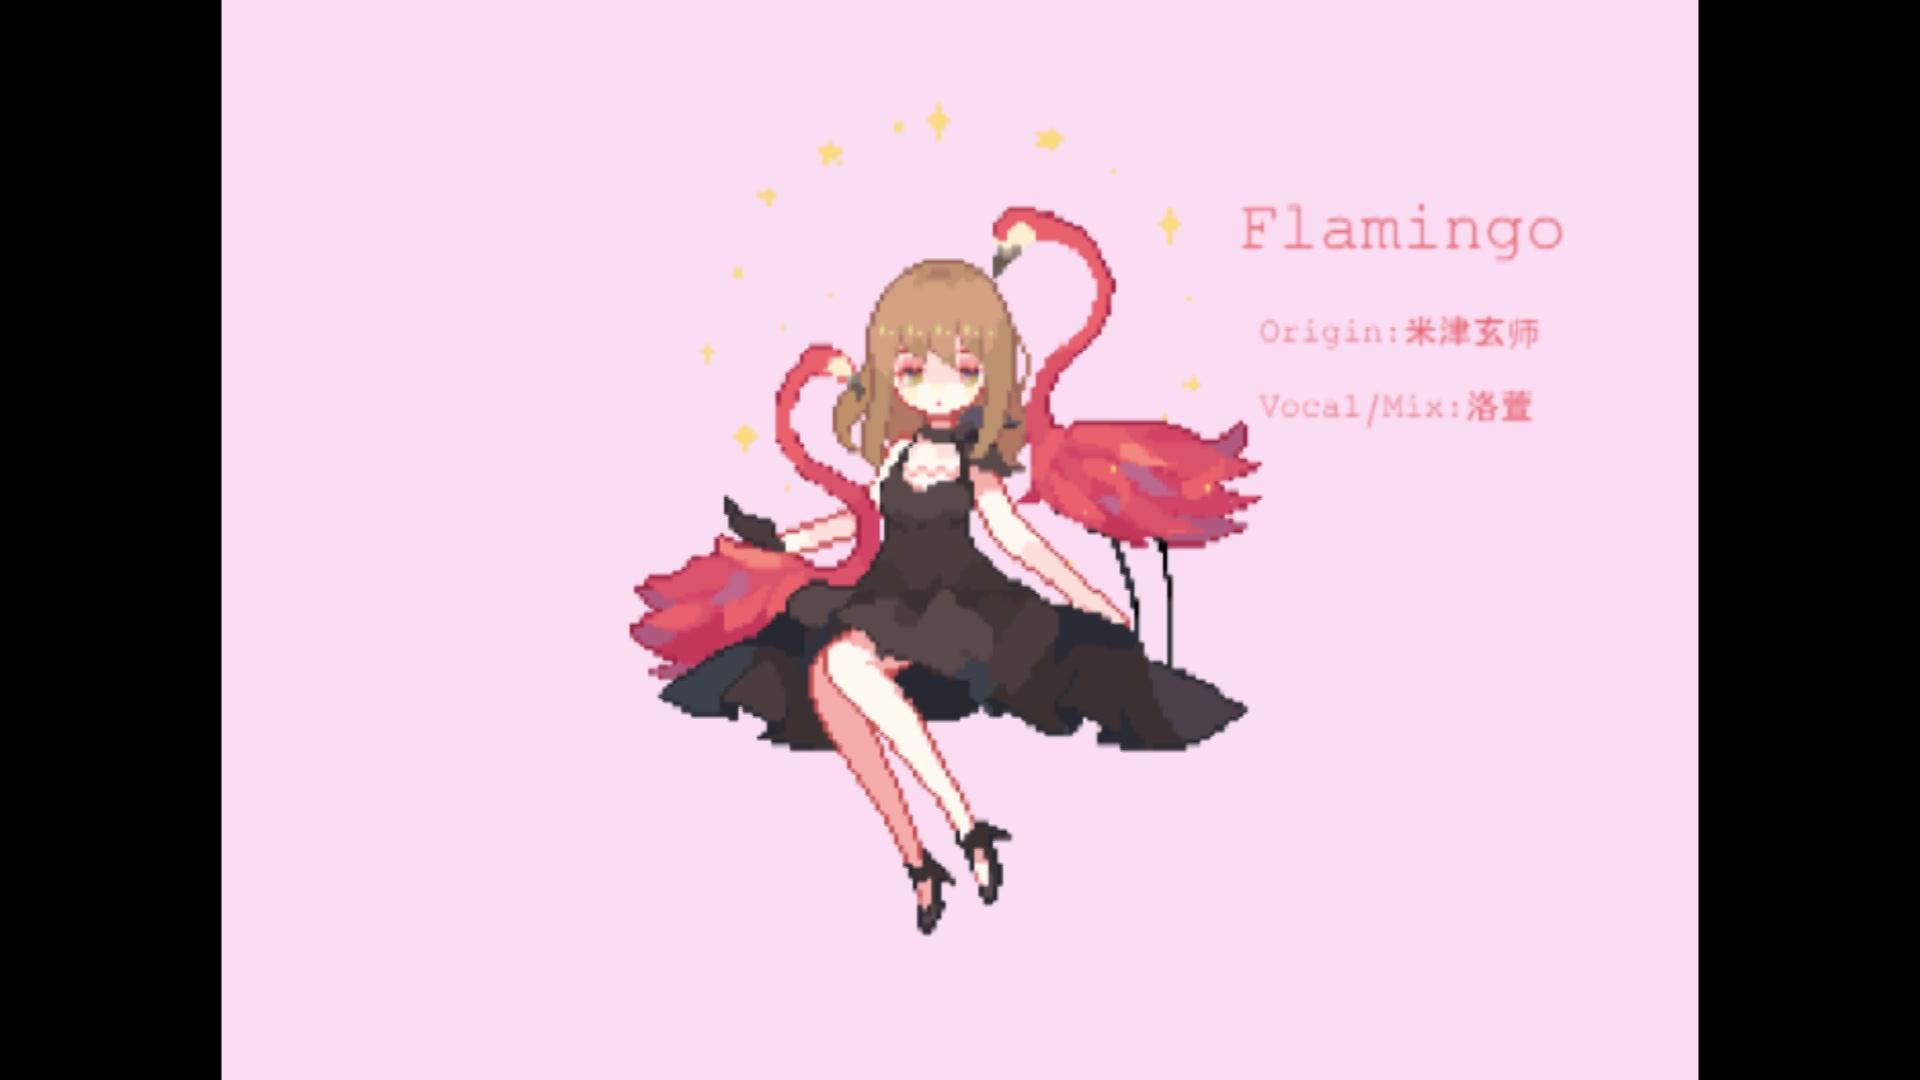 【洛萱】Flamingo【米津玄師】_嗶哩嗶哩 (゜-゜)つロ 干杯~-bilibili